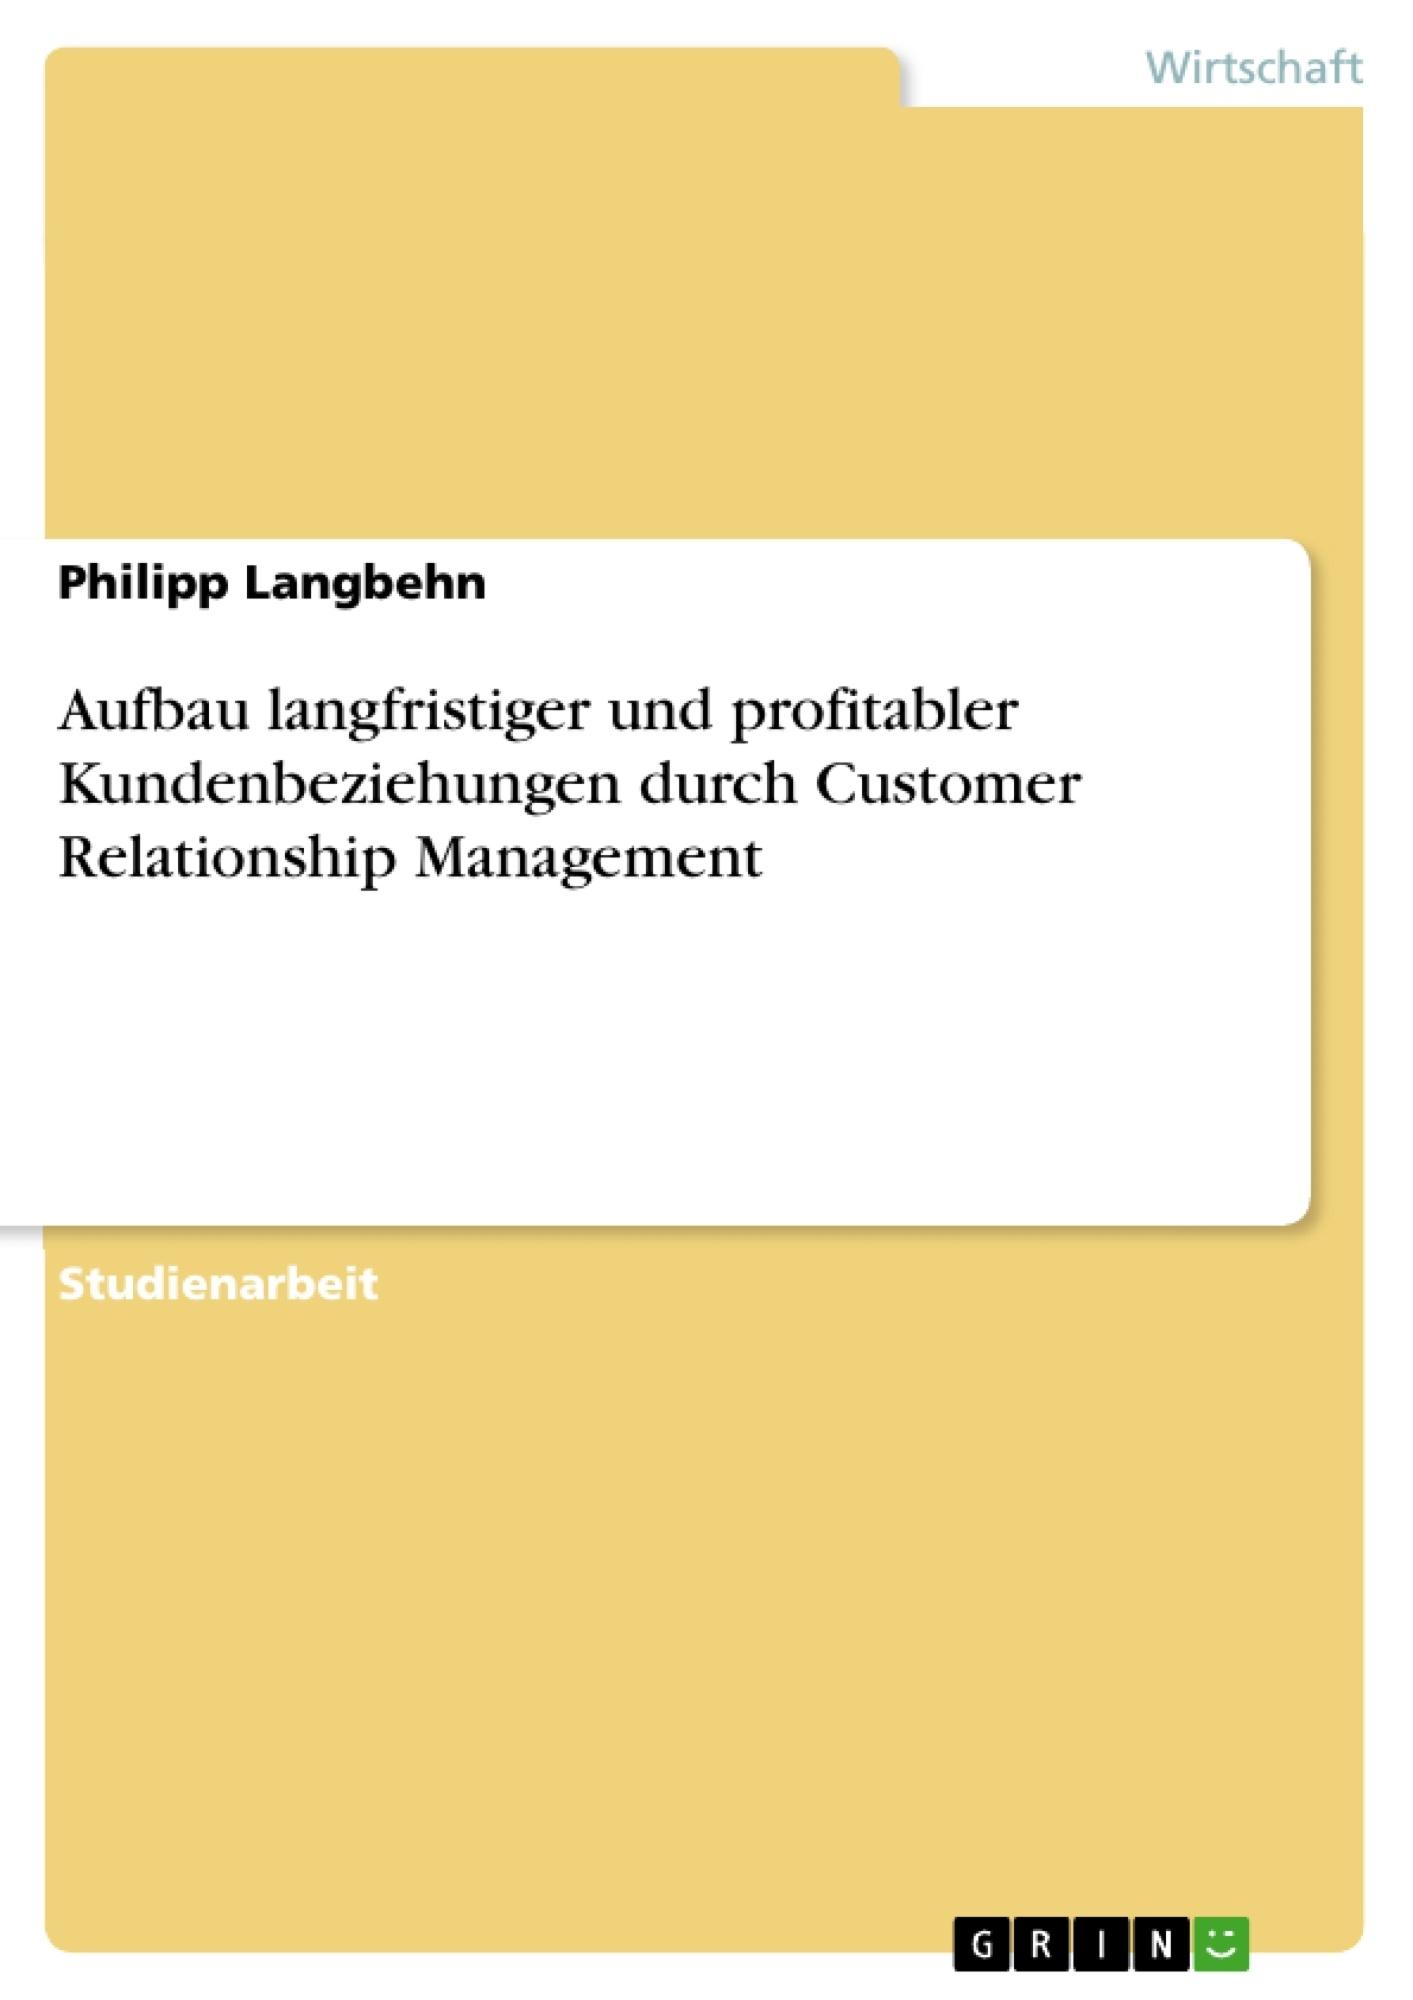 Titel: Aufbau langfristiger und profitabler Kundenbeziehungen durch Customer Relationship Management